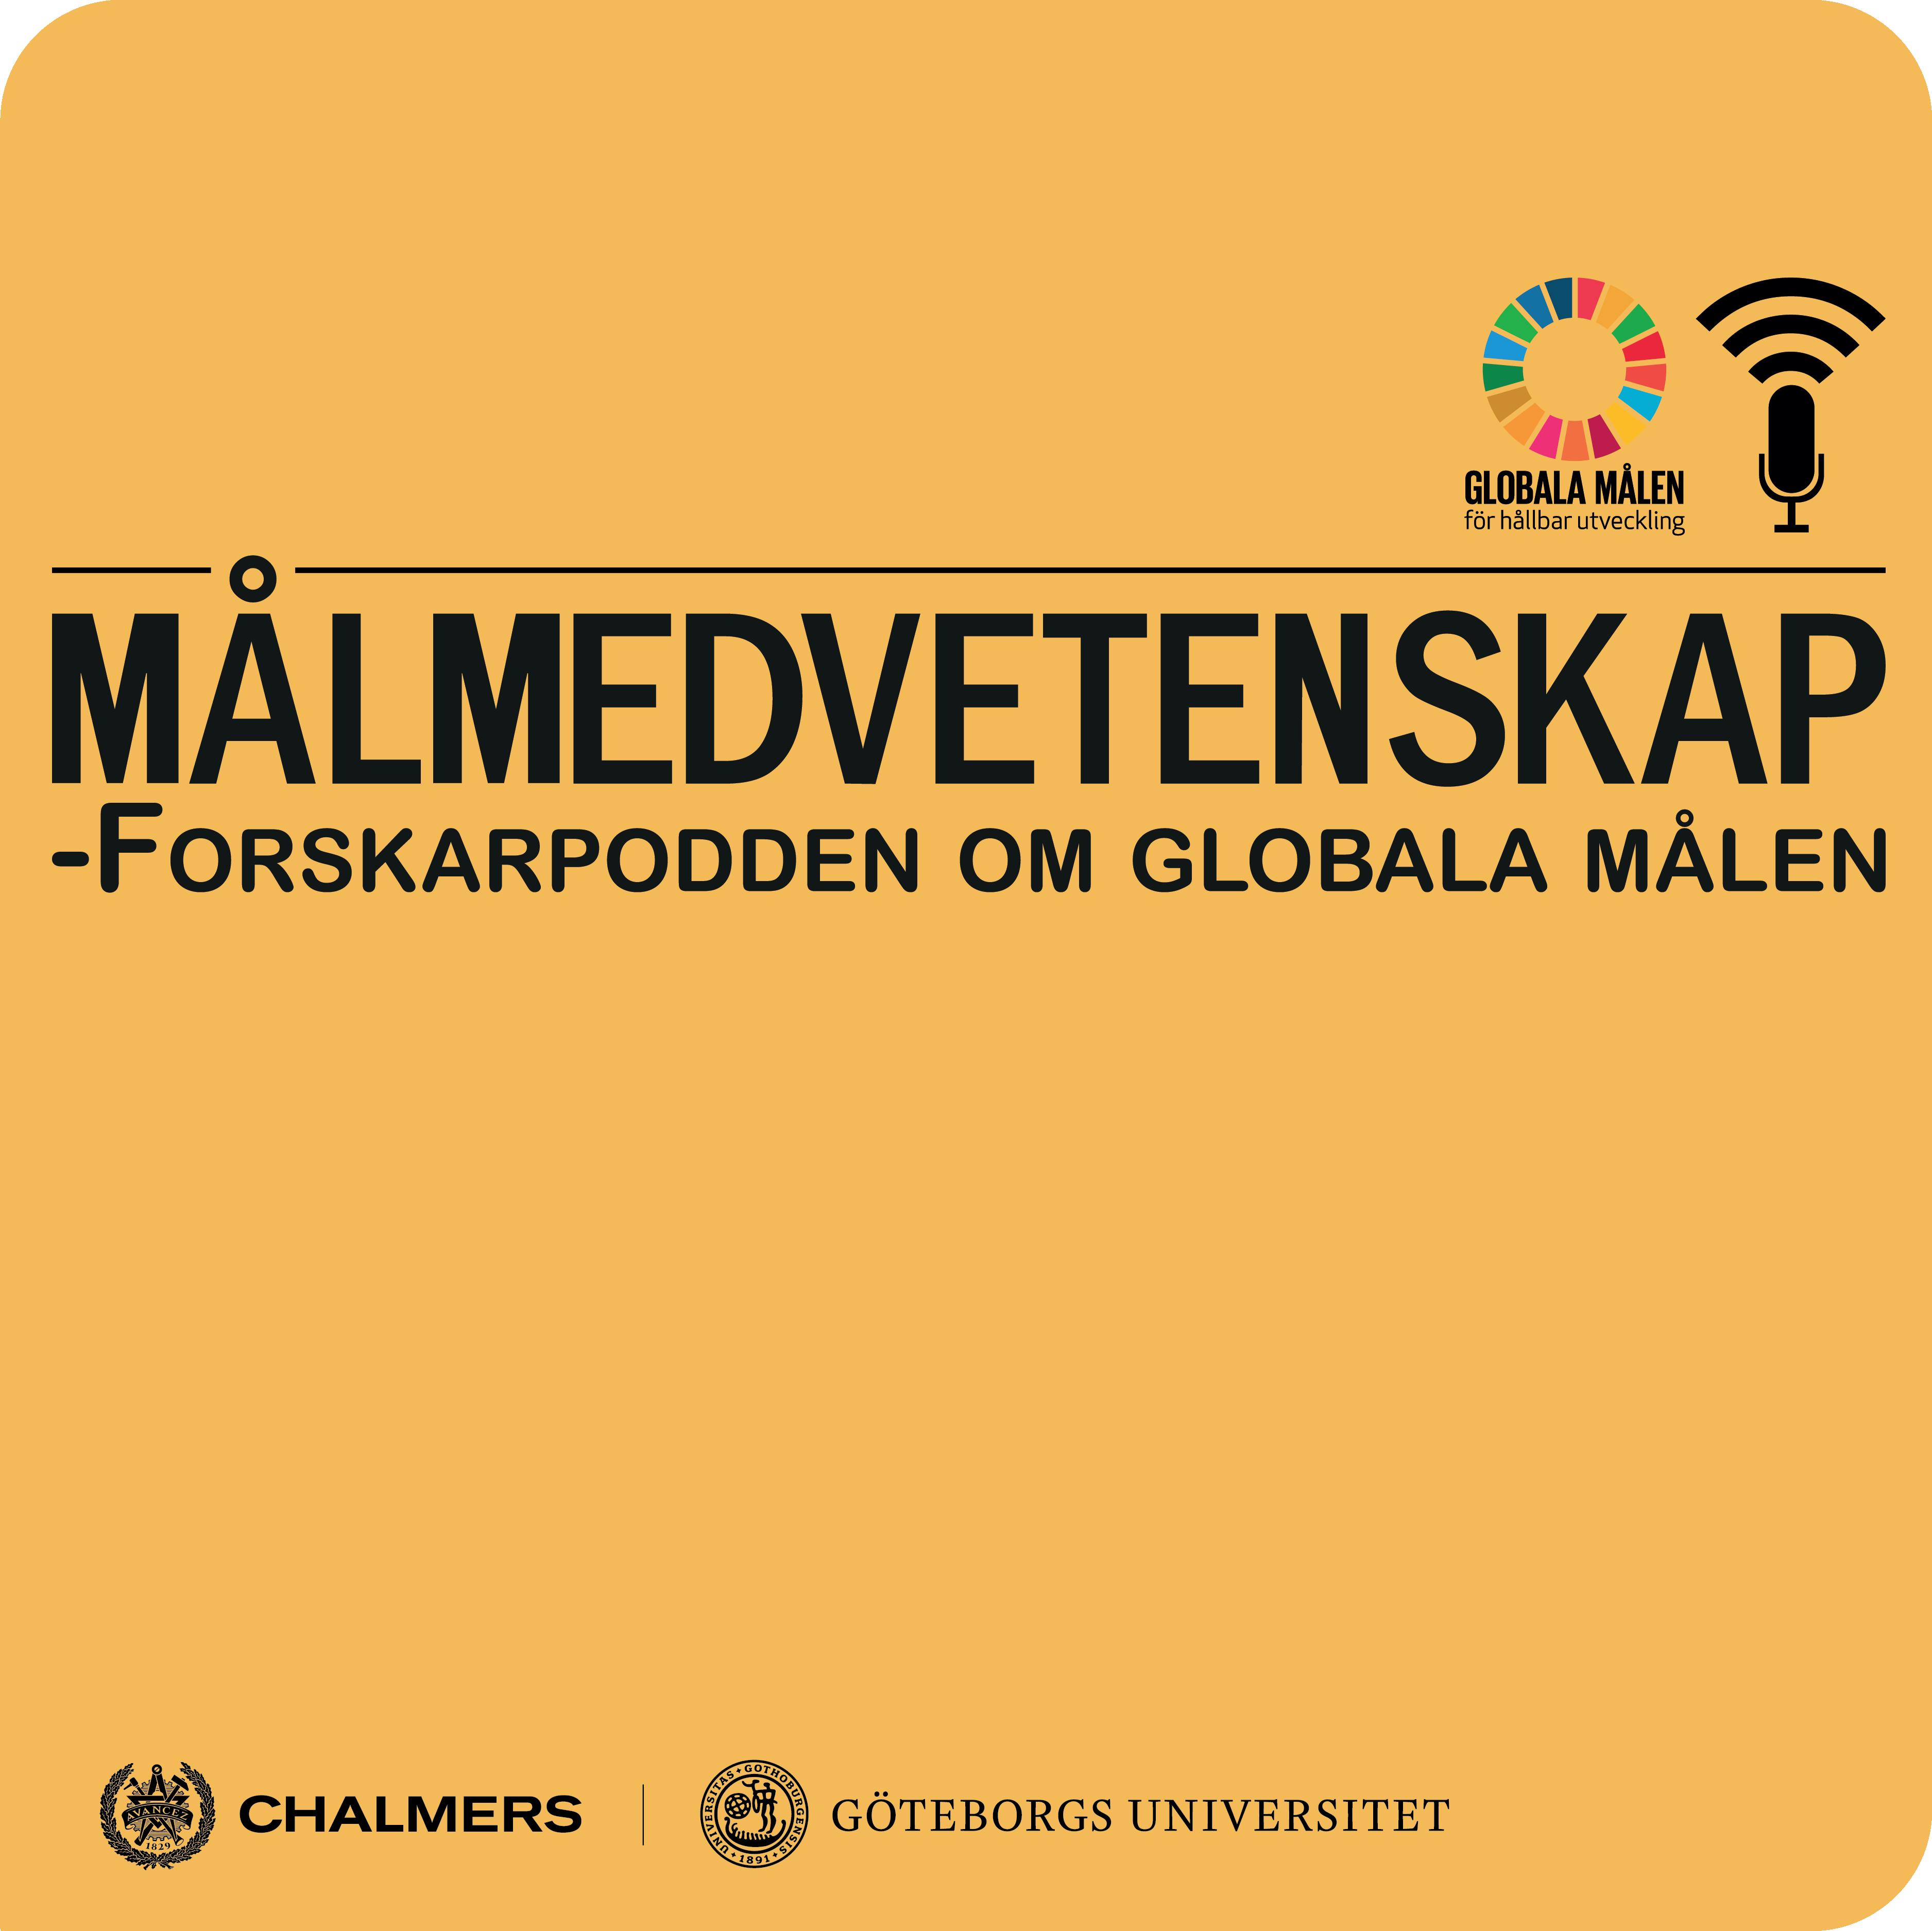 Målmedvetenskap - tema rörelse och globala målen